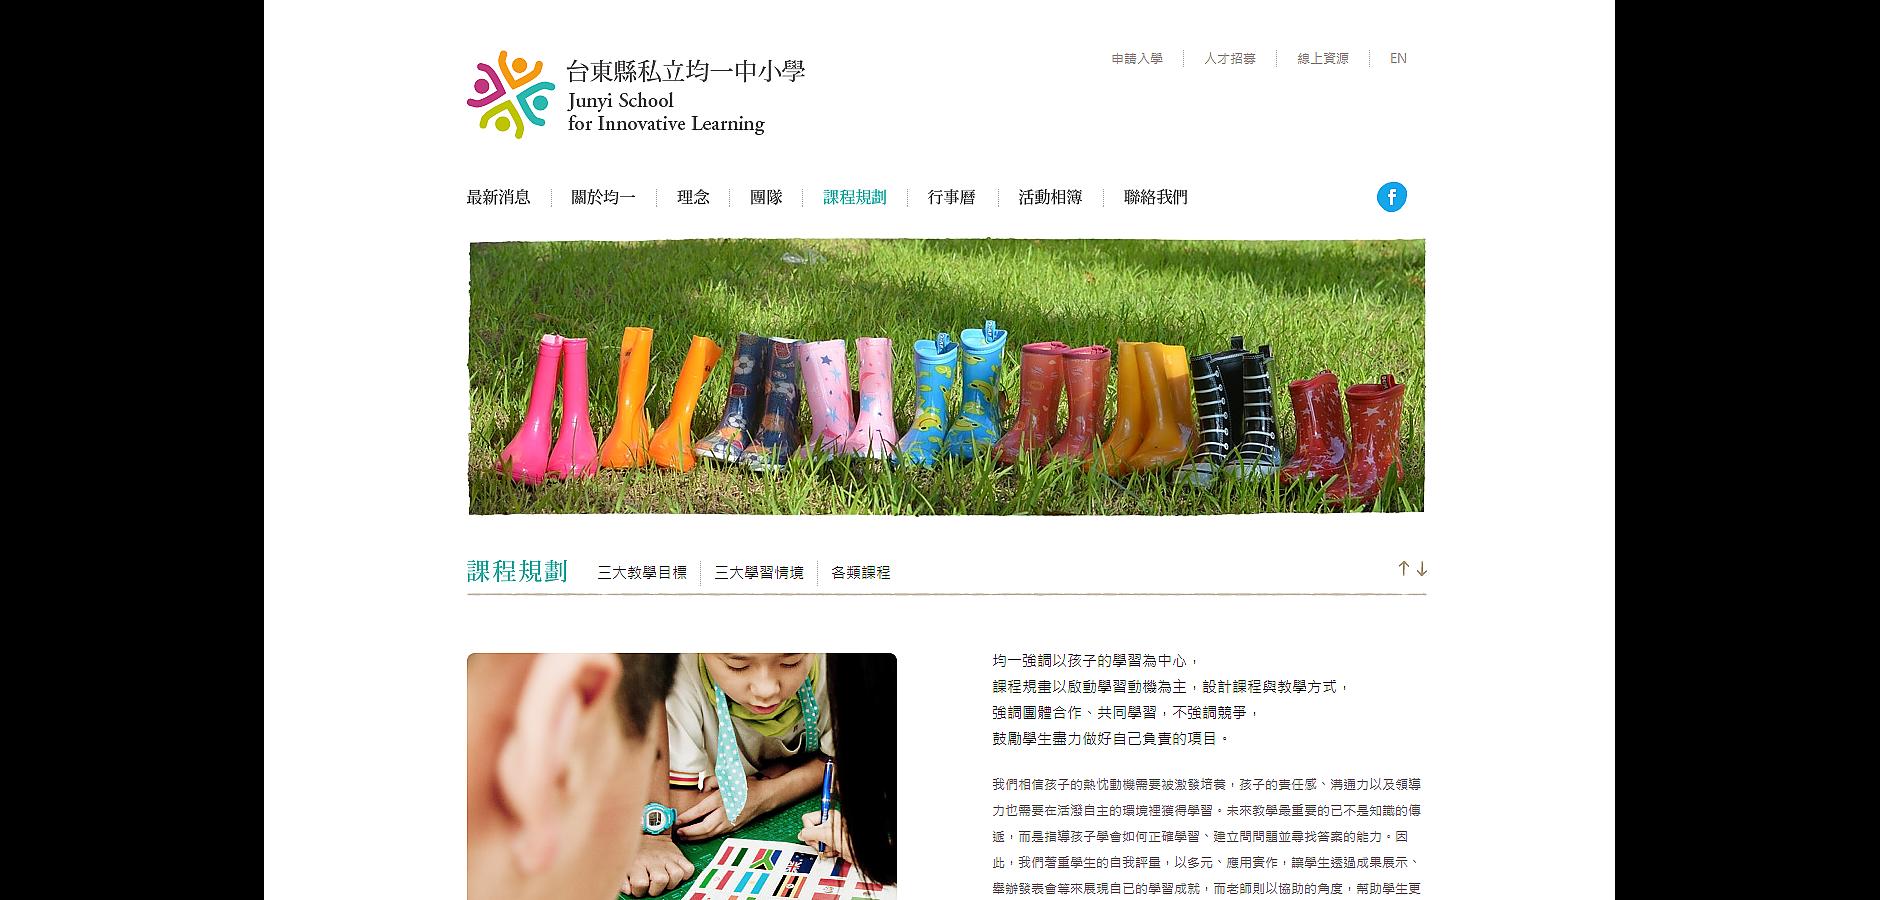 台東縣私立均一中小學 課程規劃